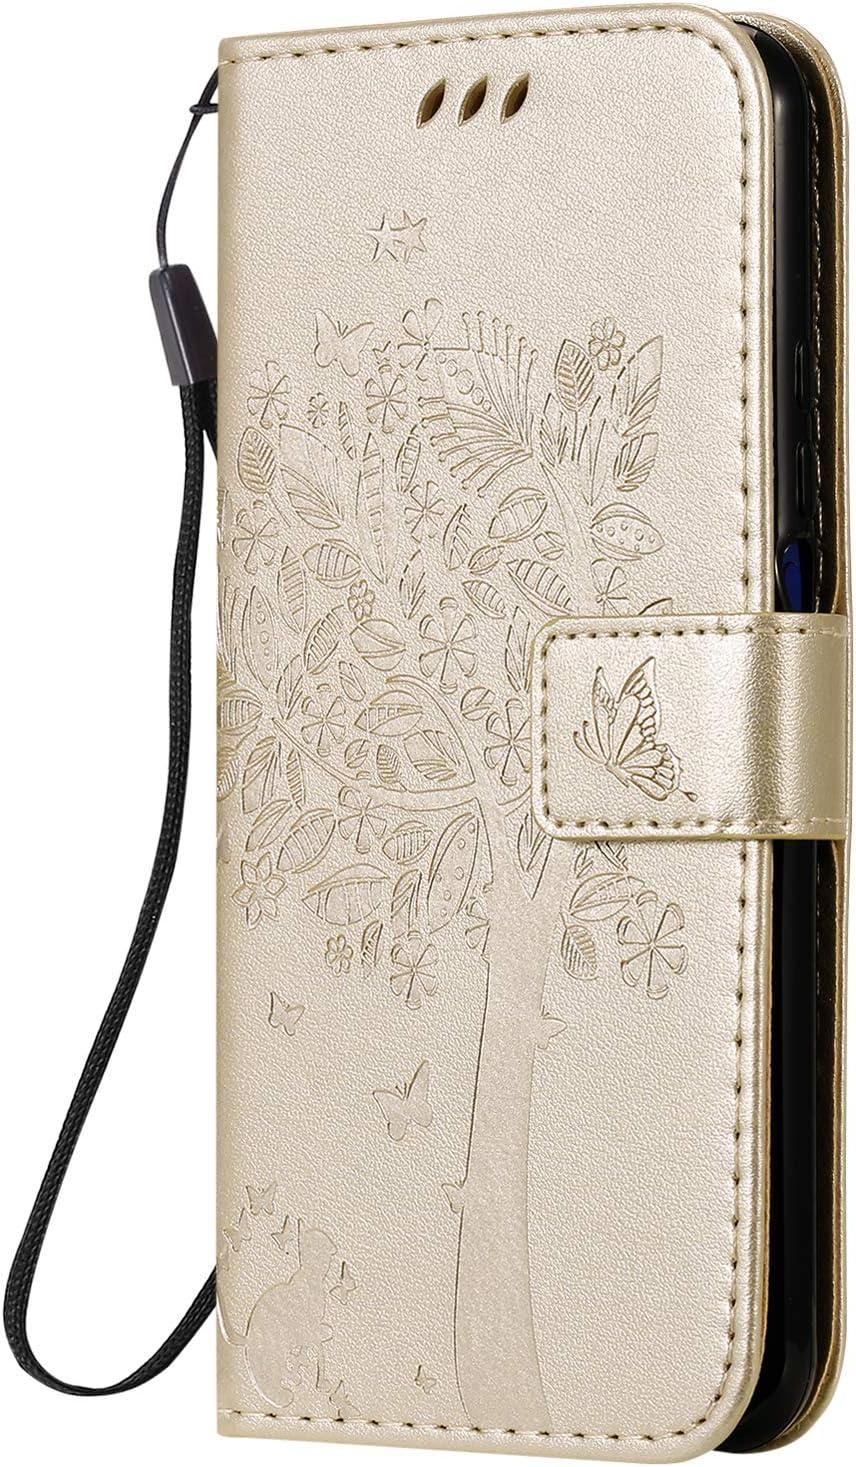 Funda de cuero para Huawei Honor 20 Pro Case Pu Cuero Flip Wallet Stand Case Con Tarjetero Slim Case Cover con ranuras para tarjetas para Huawei Honor20 Pro - ZIKT020806 Oro